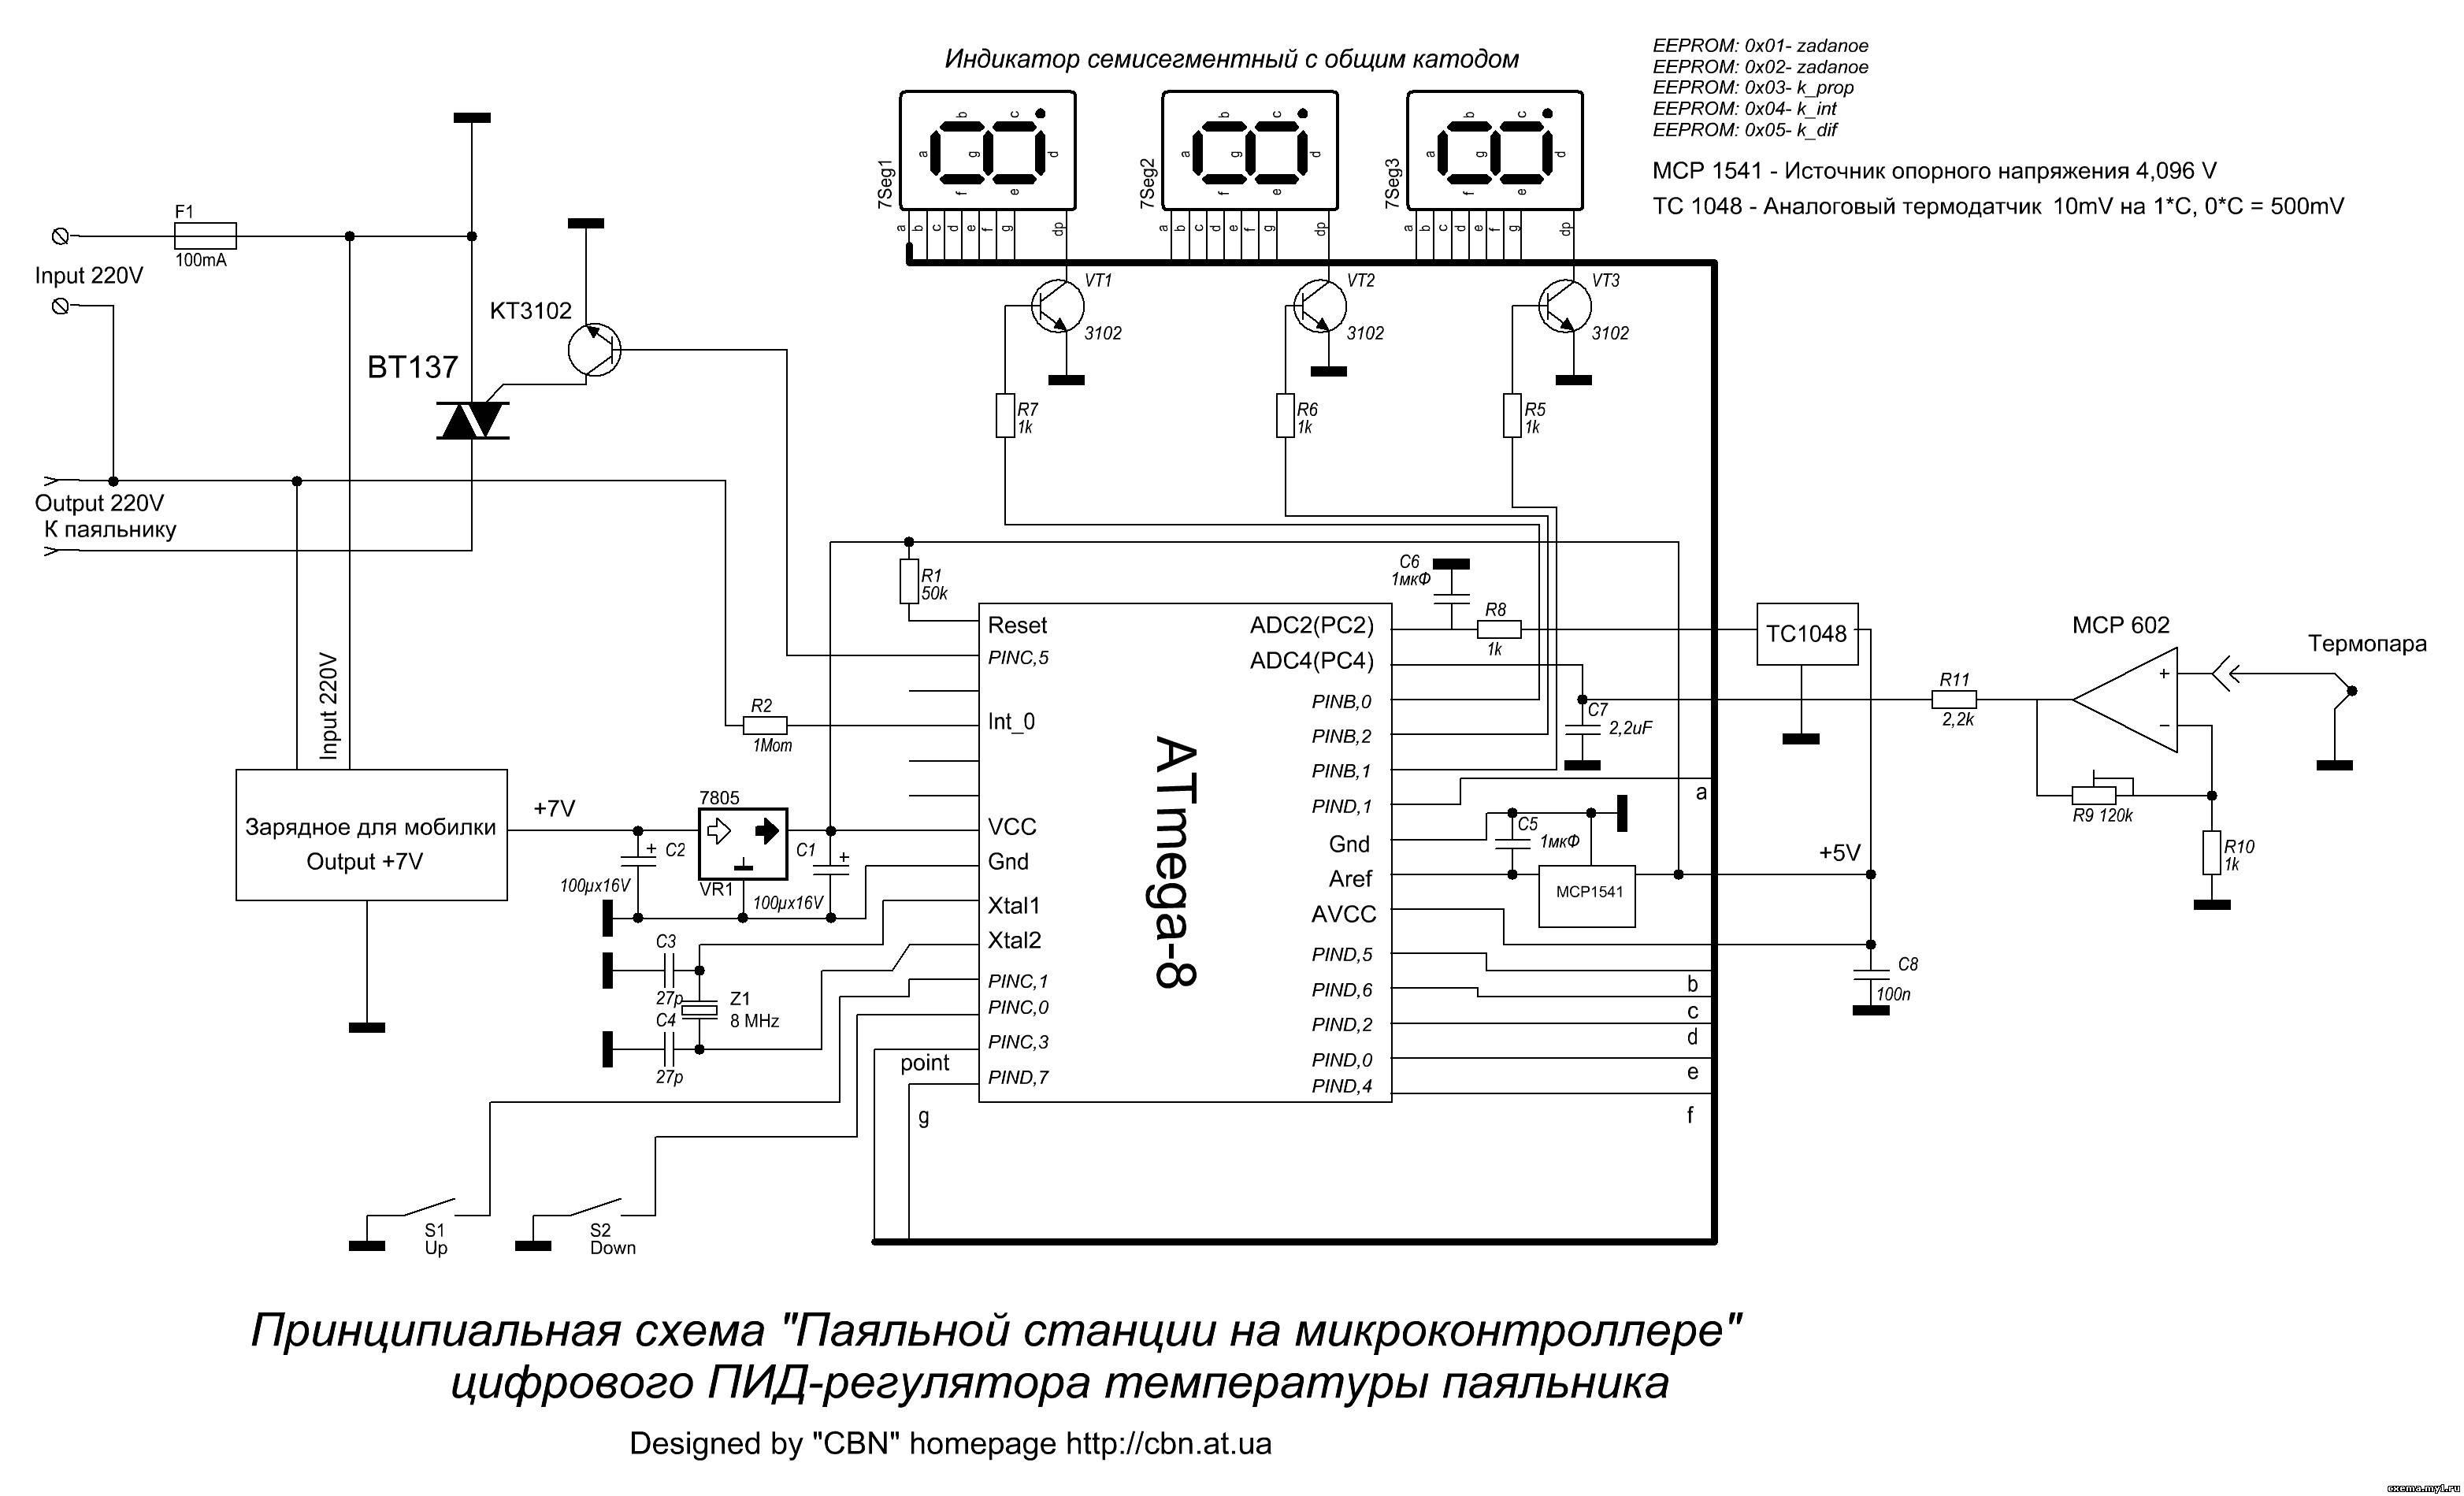 Пи регулятор на микроконтроллере